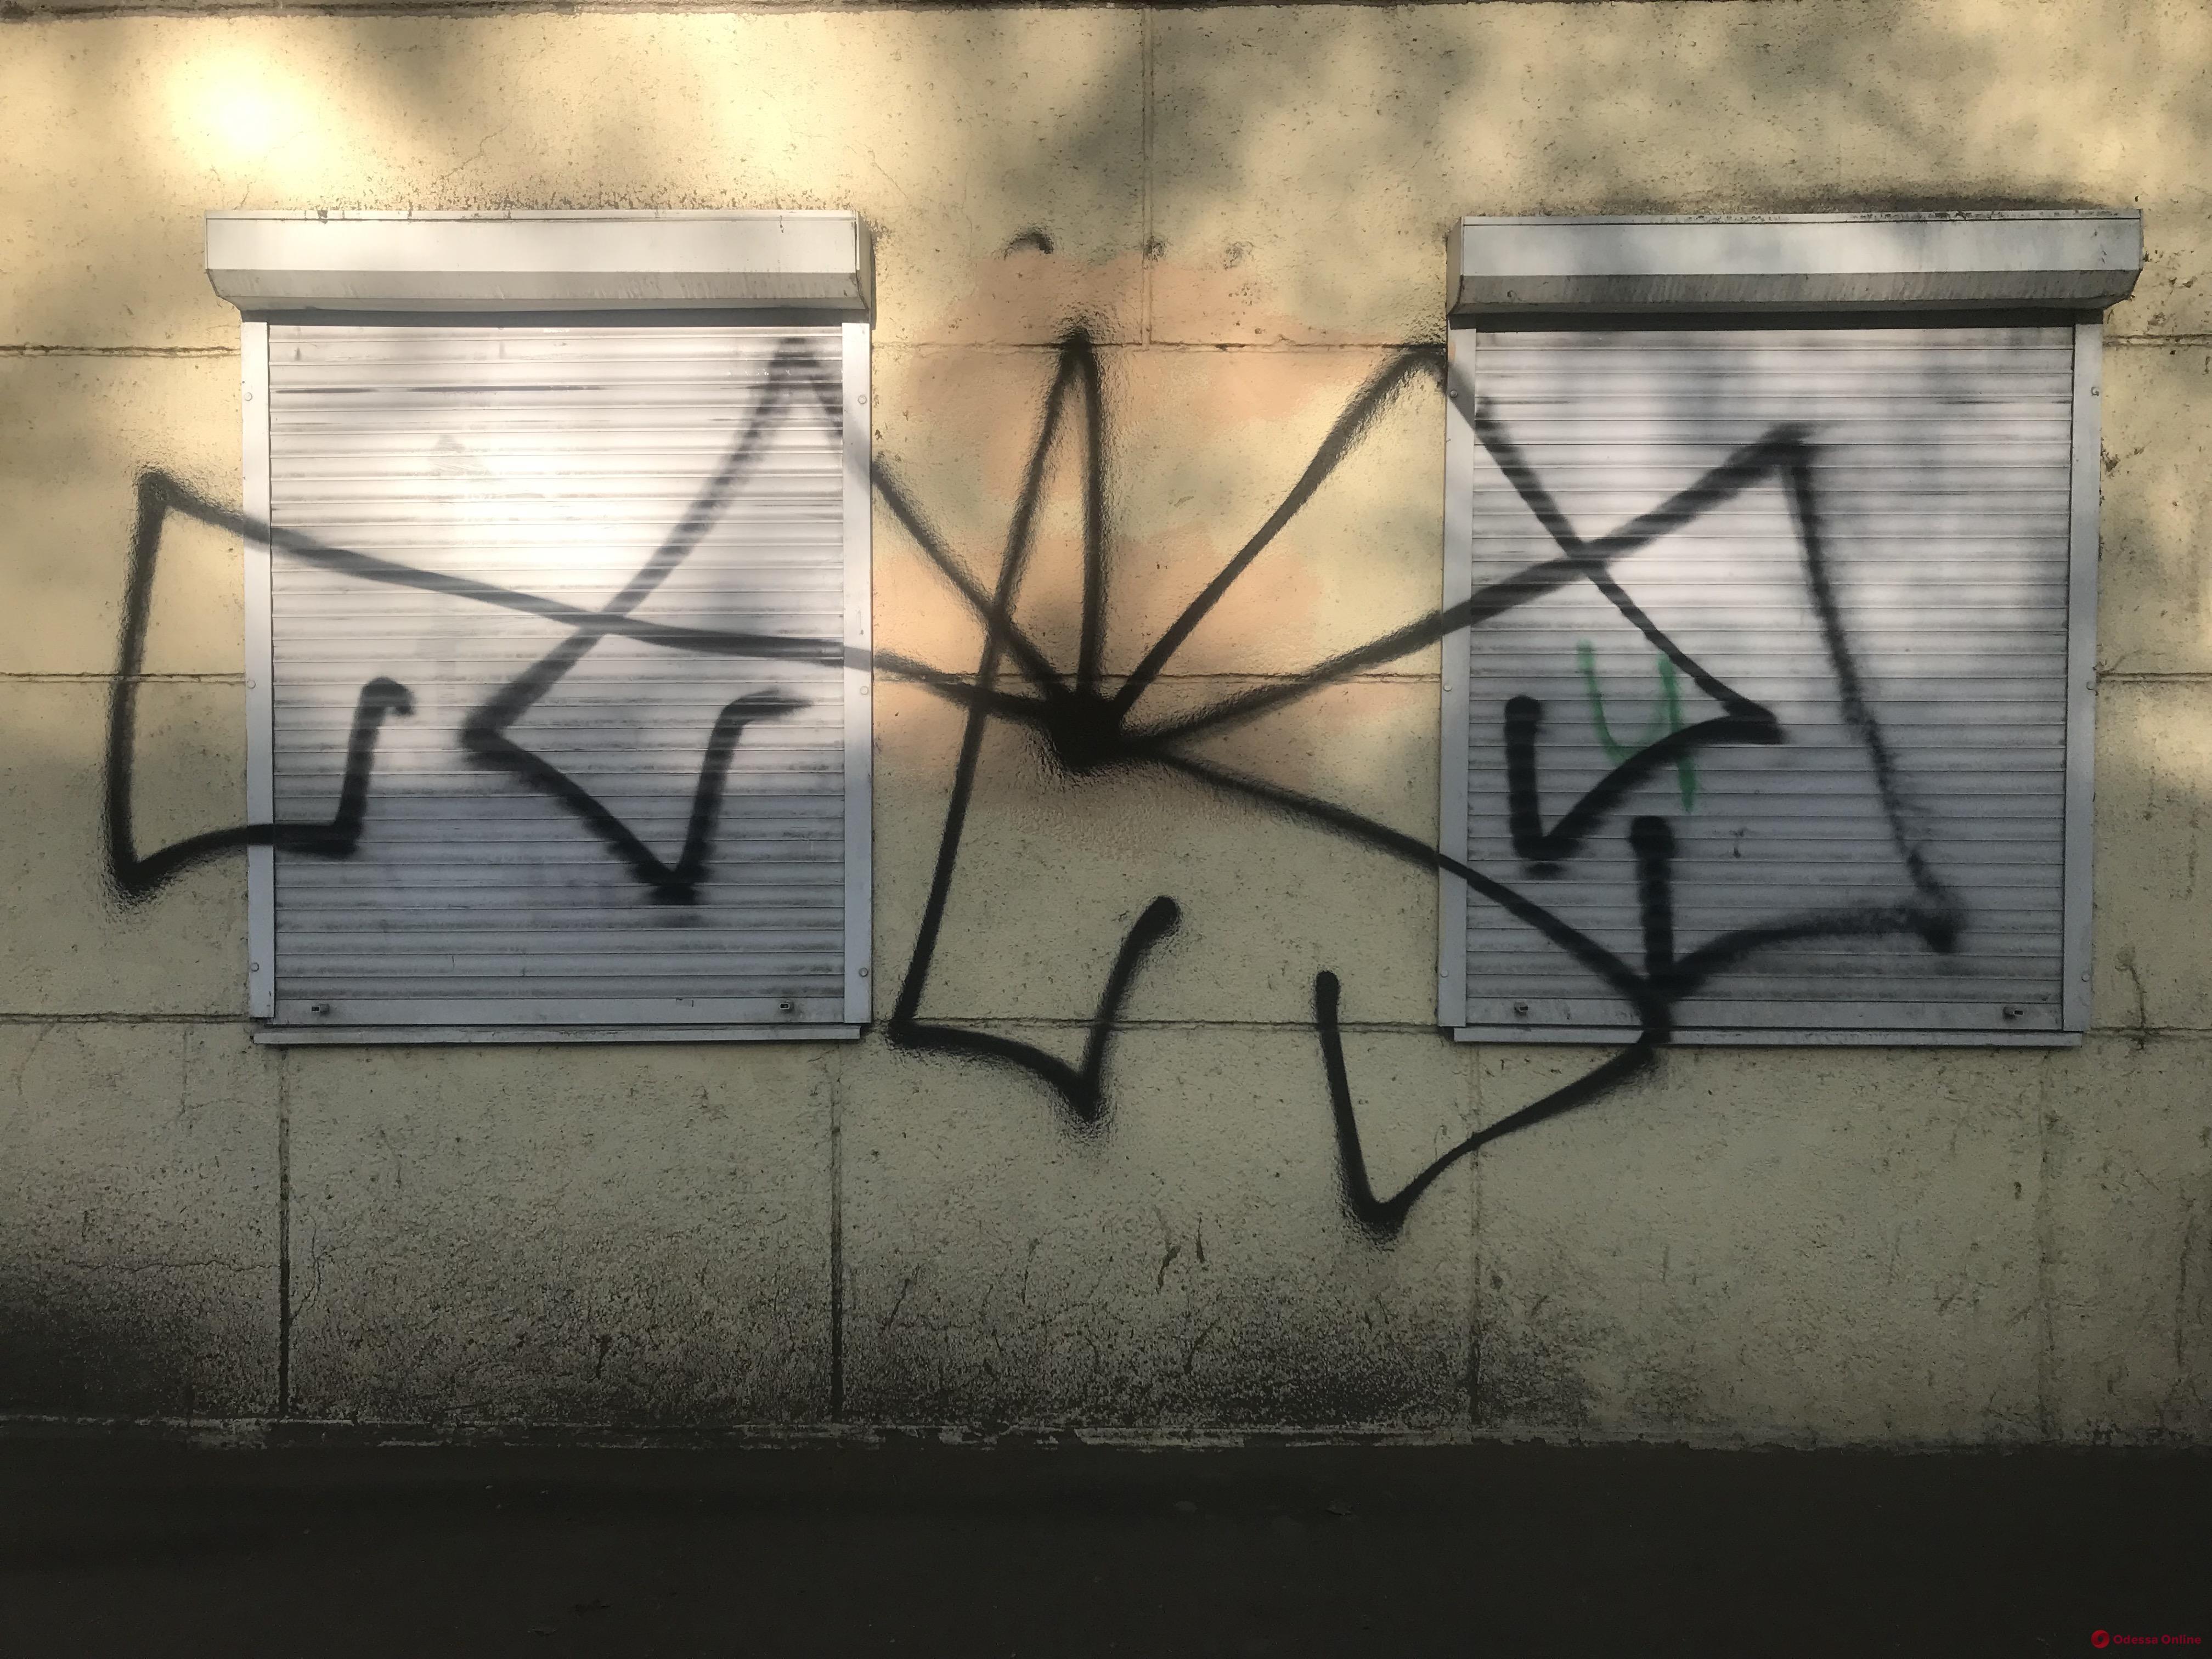 Пауки атаковали Одессу: массовые граффити паучьих лапок — вандализм или протест?